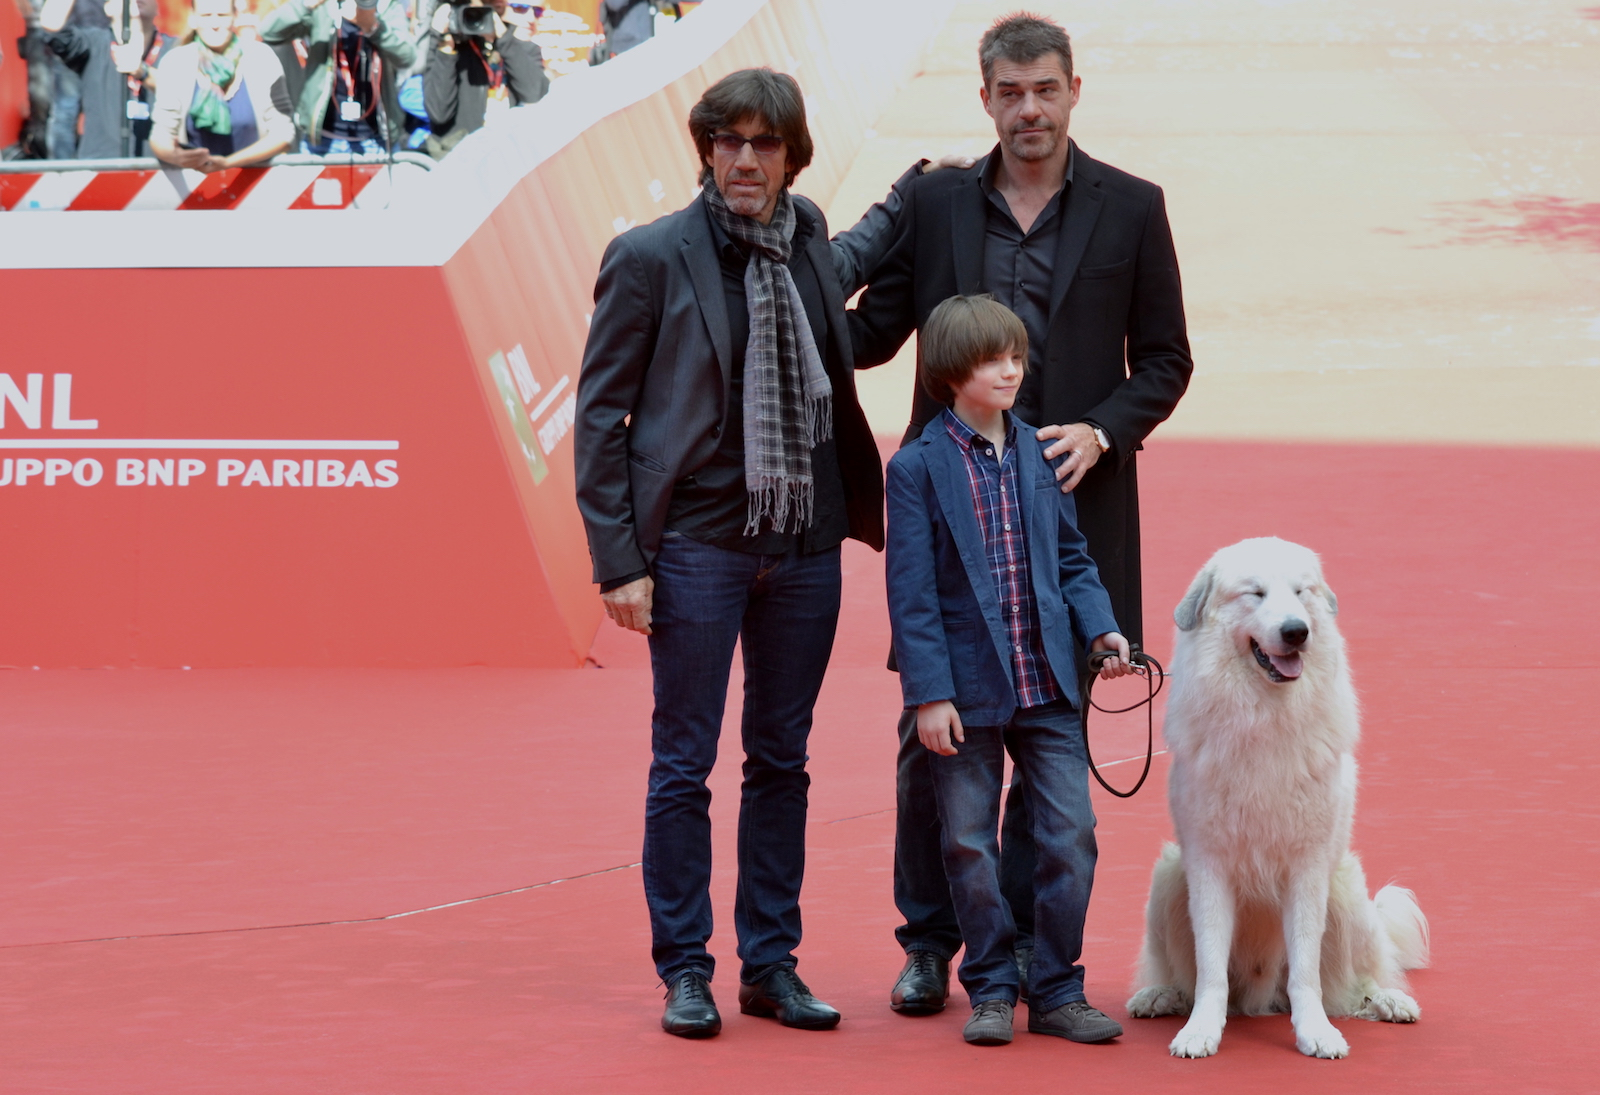 Roma 2015: Felix Bossuet, Thierry Neuvic, Christian Duguay e Belle posano sul red carpet di Belle & Sèbastien, l'avventura continua